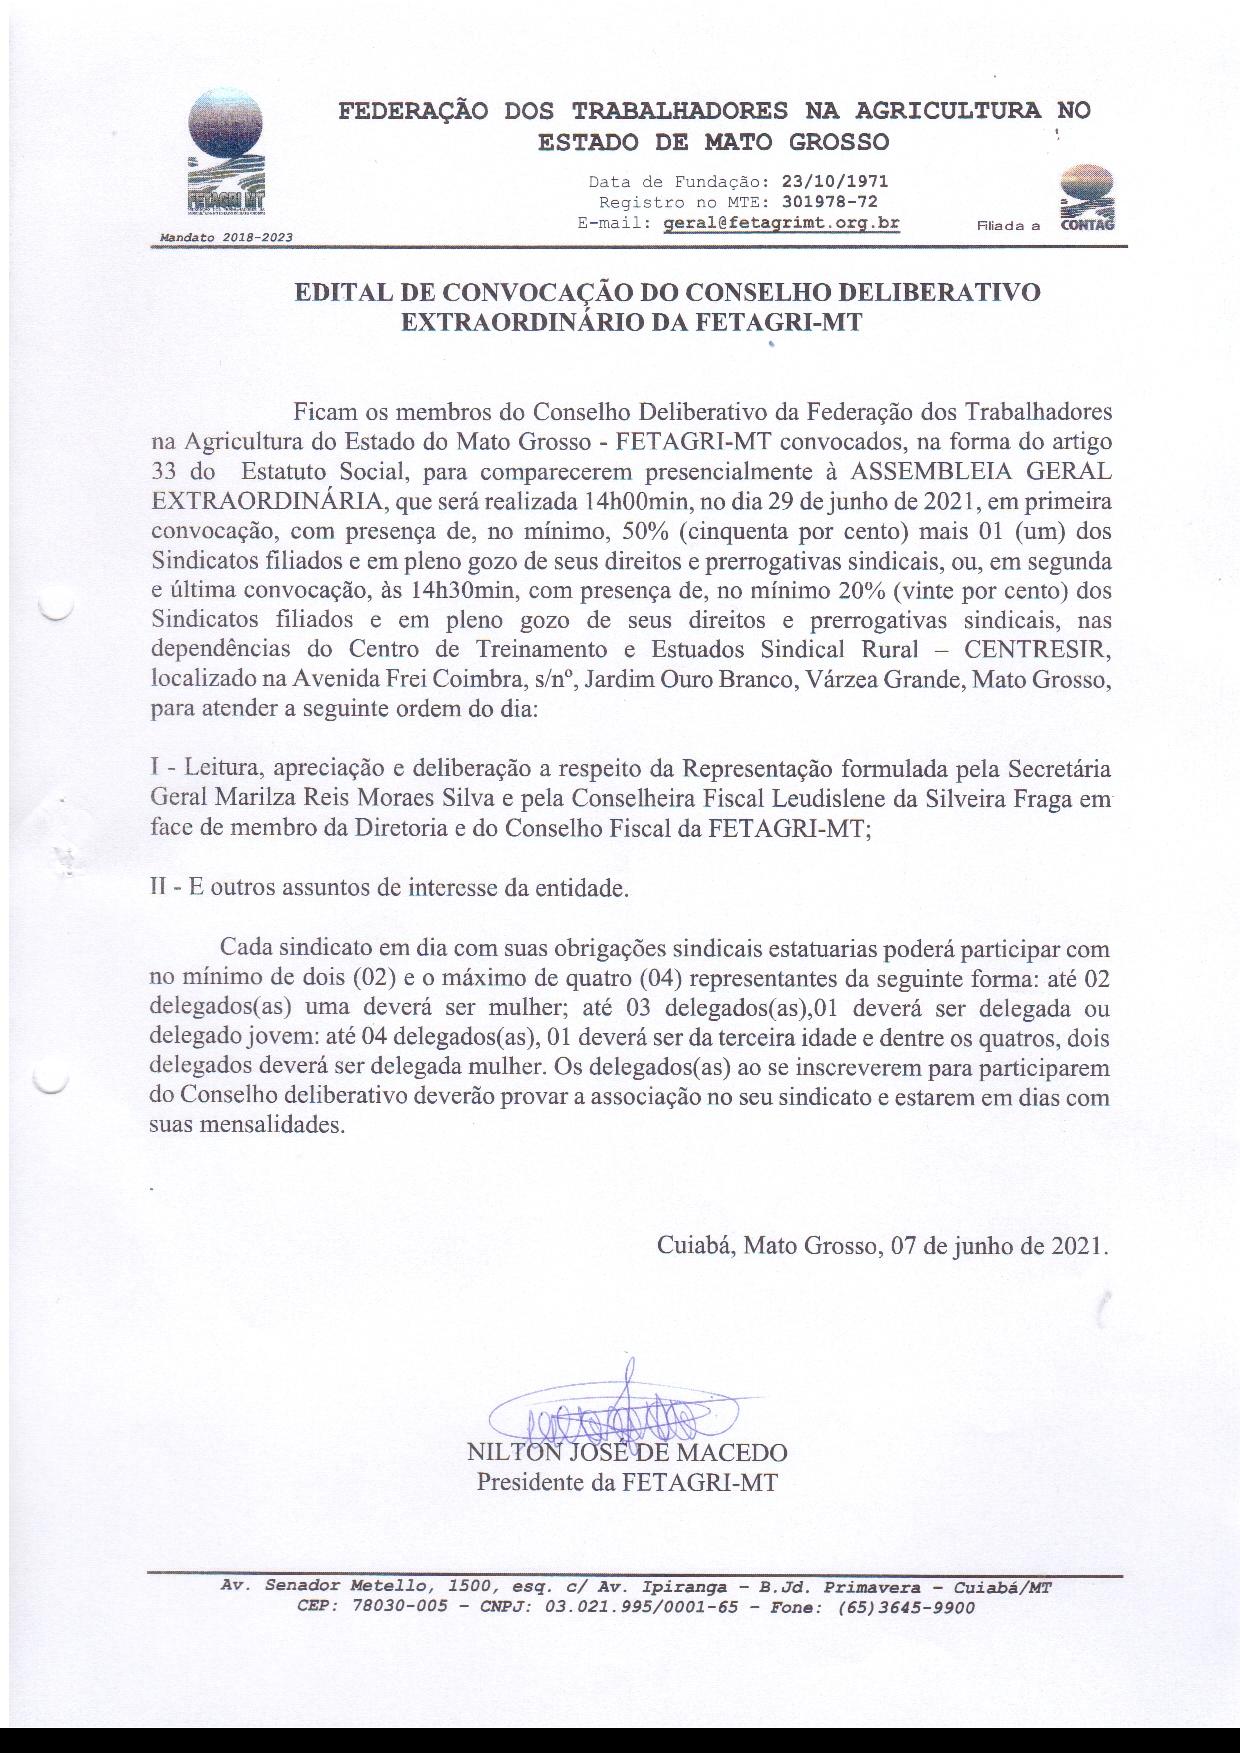 EDITAL DE CONVOCAÇÃO DO CONSELHO DELIBERATIVO EXTRAORDINÁRIO DA FETAGRI-MT